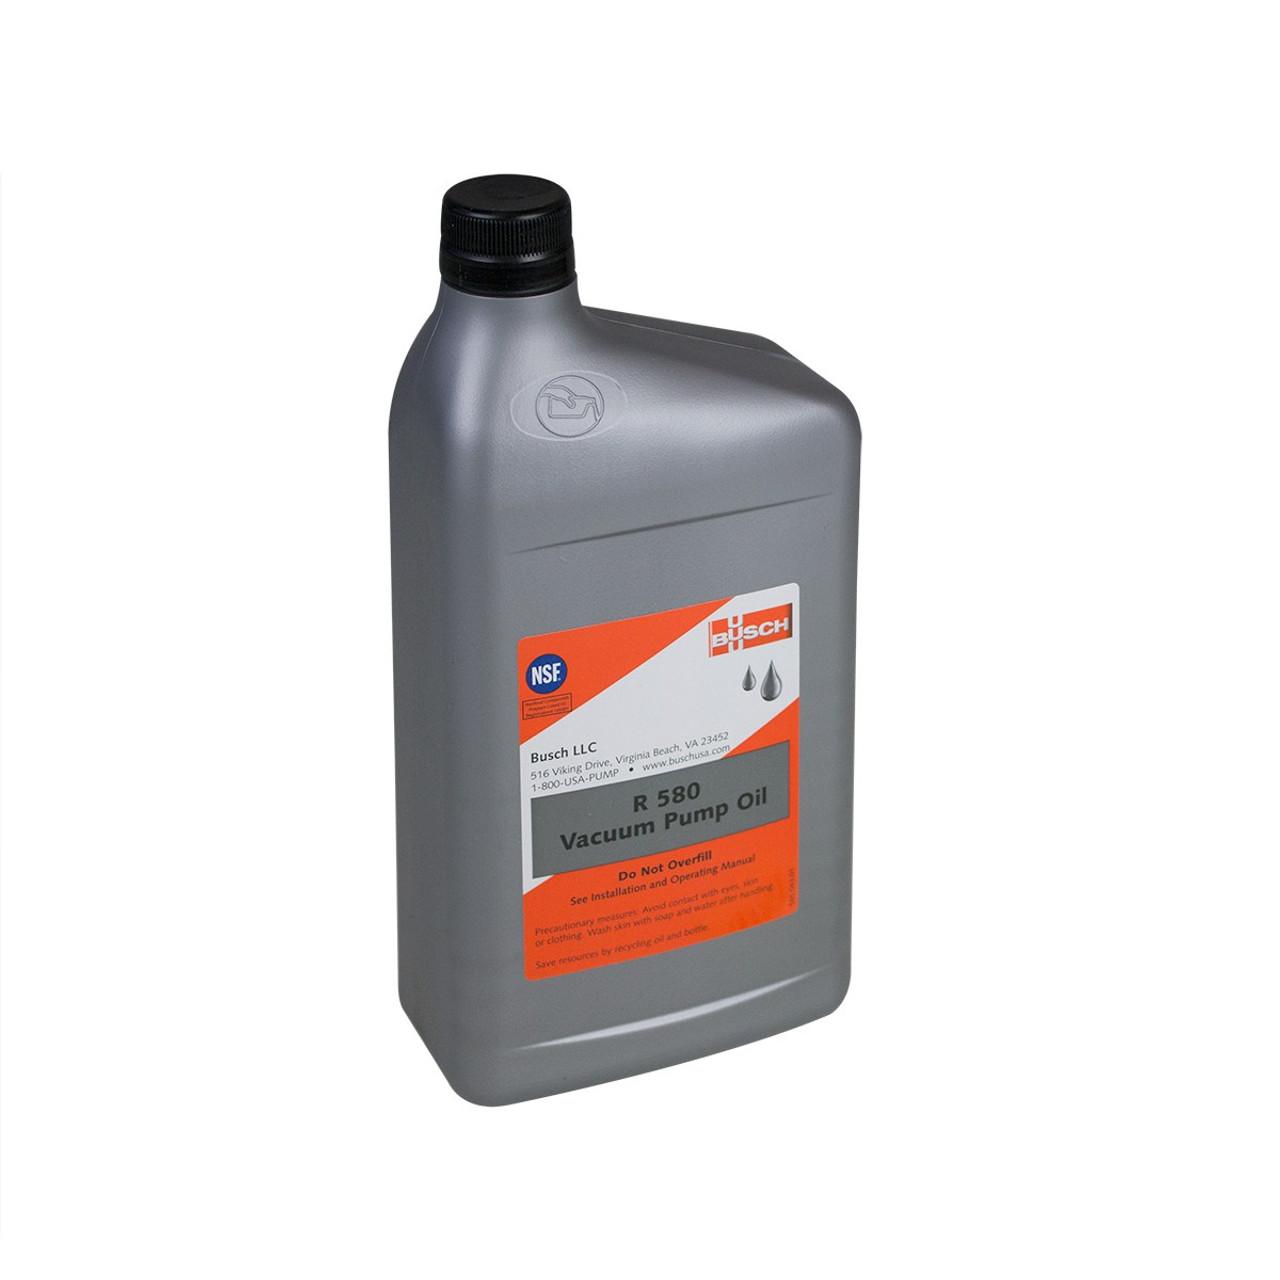 Busch 0831.908.403 Oil, R-580, 1 Quart (32 Ounces) - Vacuum Pump Oil